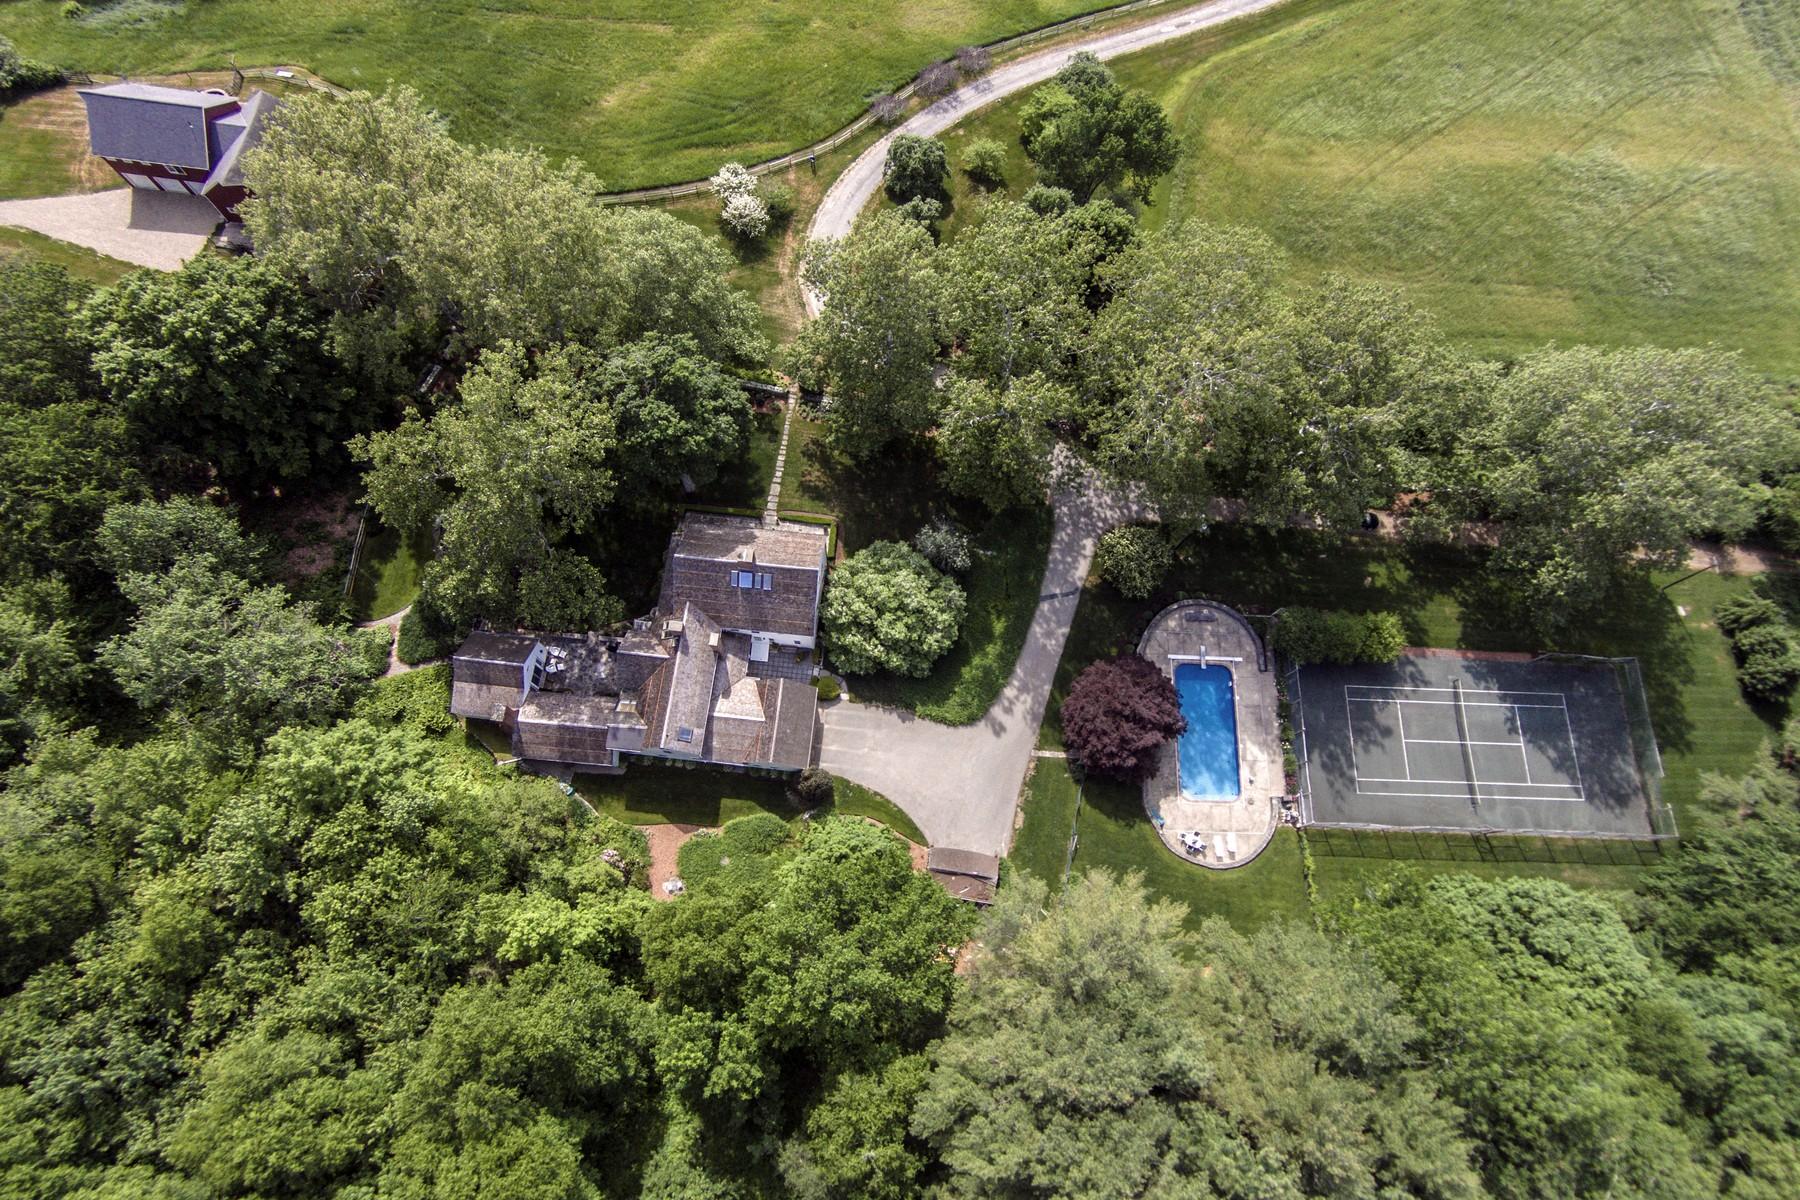 Casa Unifamiliar por un Venta en Gracious 18th Century Residence 551 Hamburg Rd Lyme, Connecticut 06371 Estados Unidos